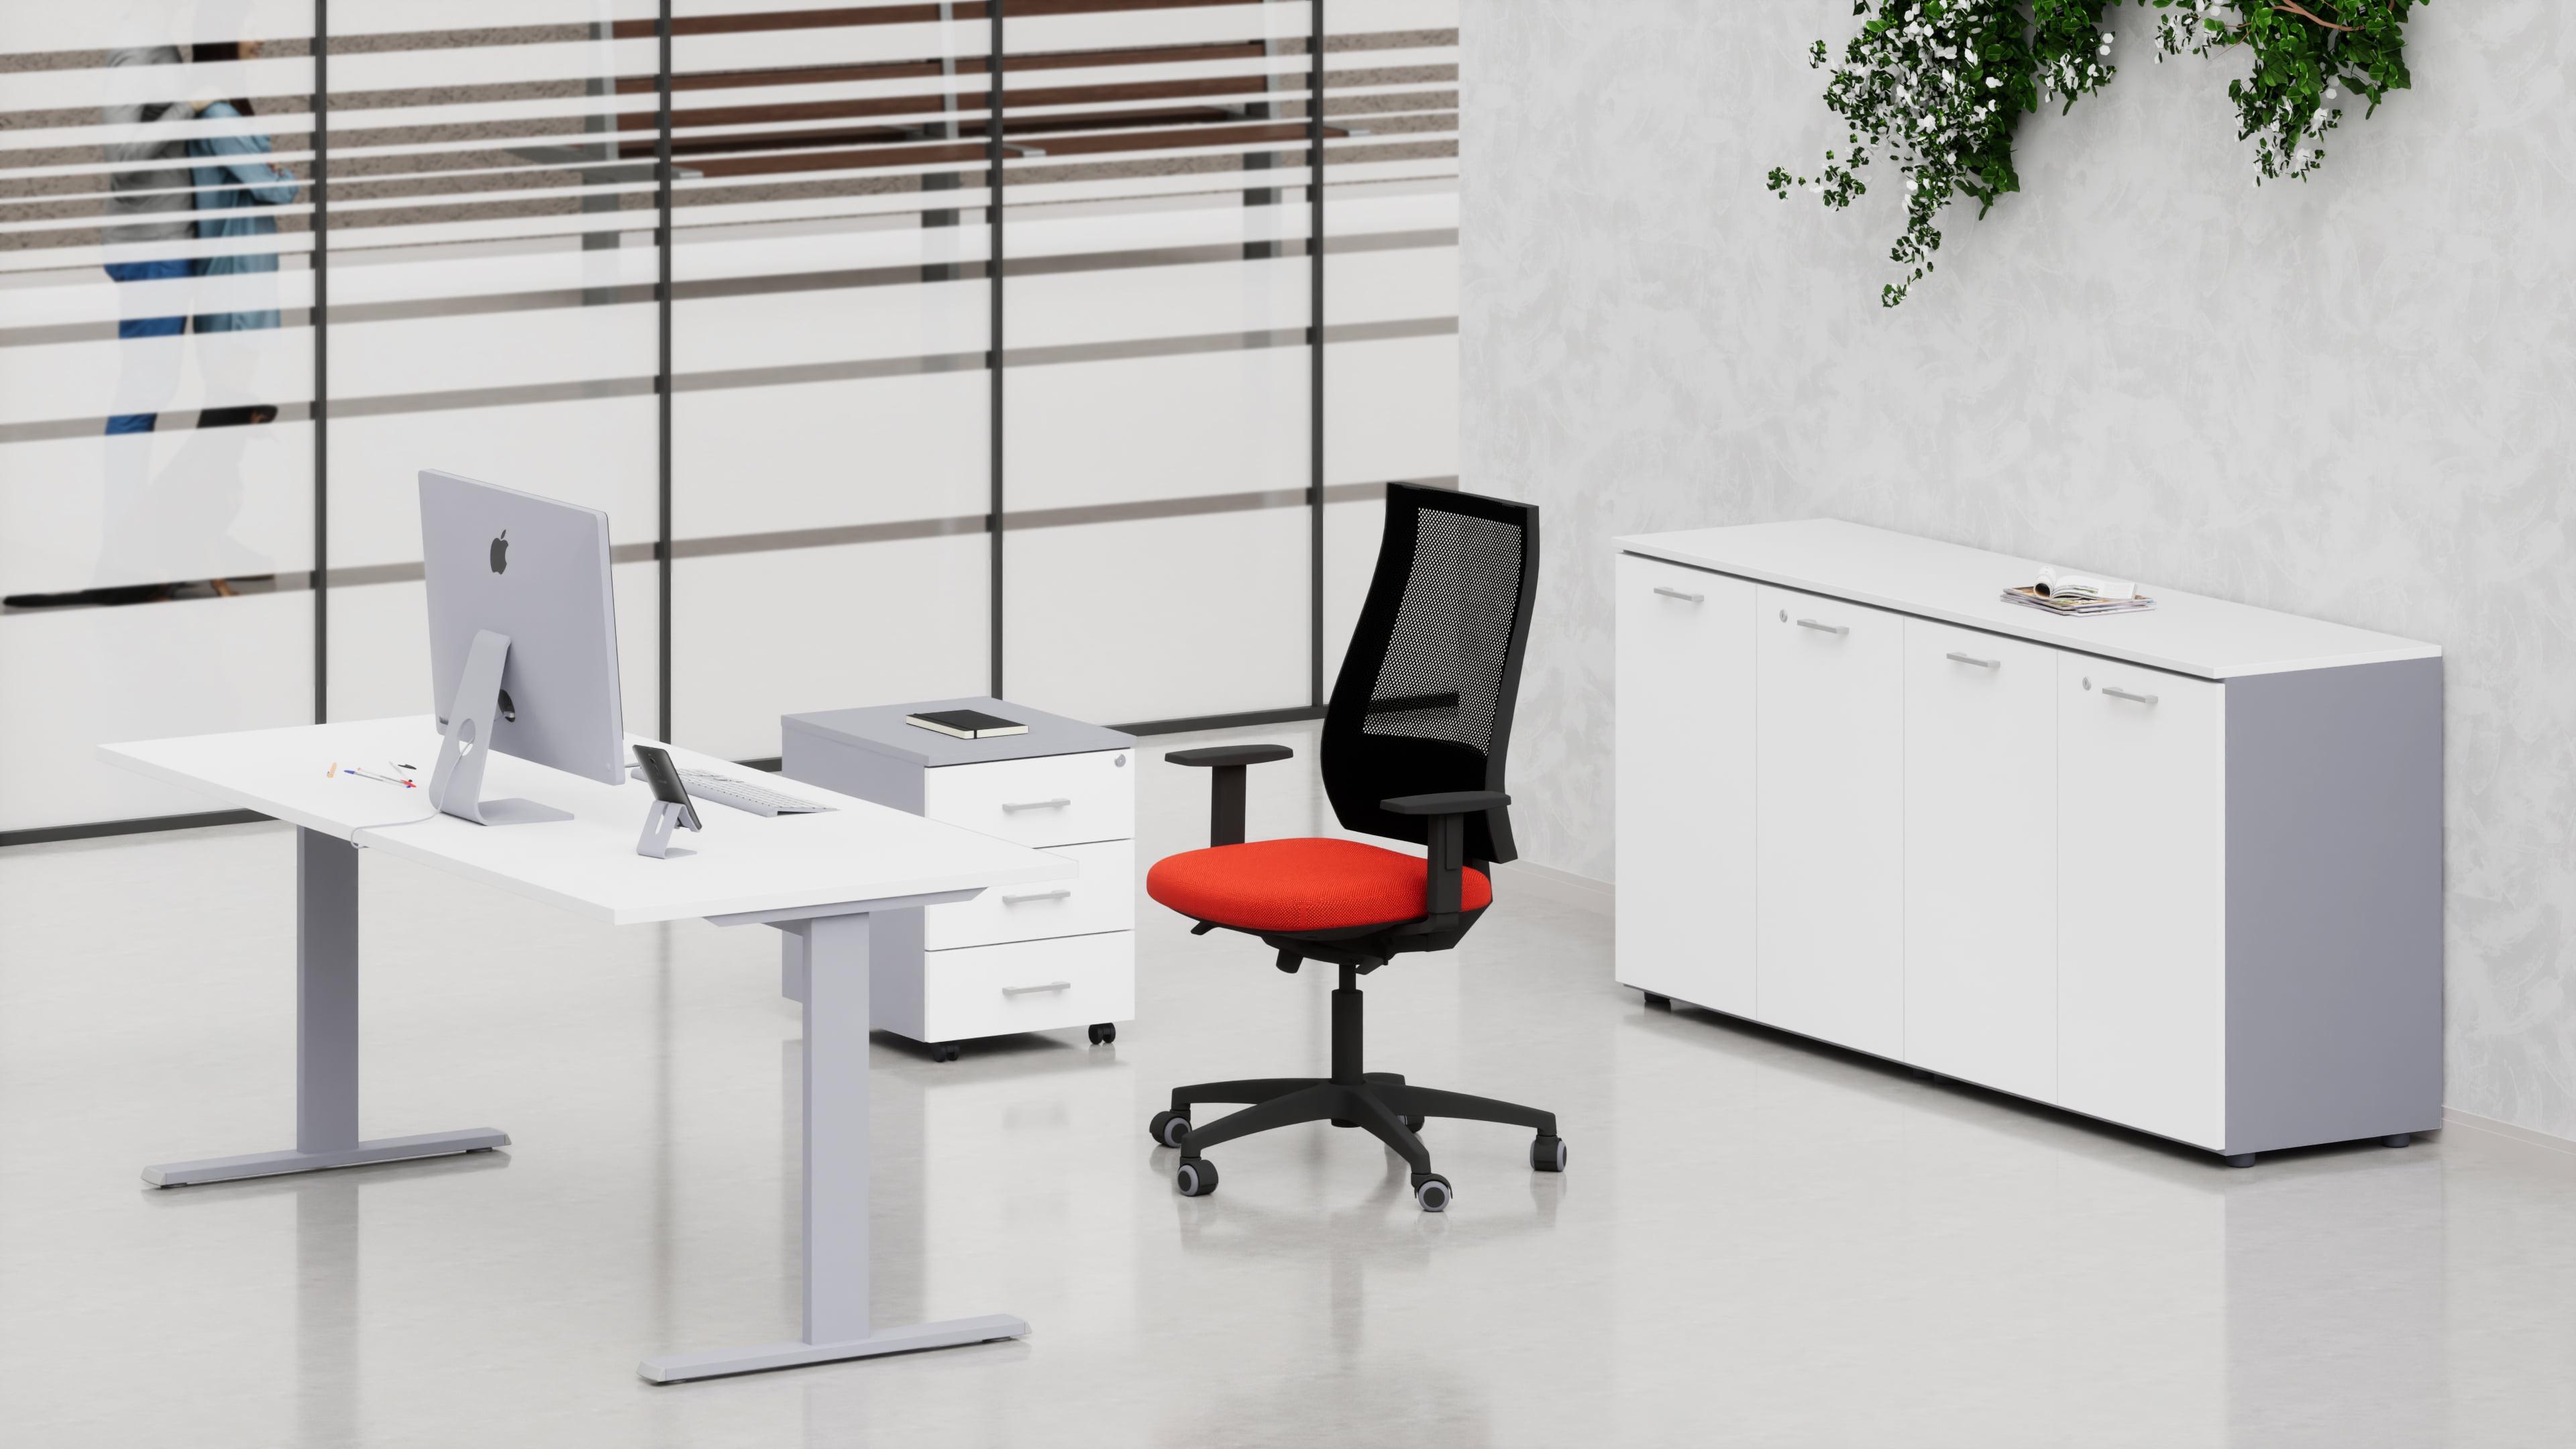 Uffici operativi NET metallica scrivania, cassettiera e contenitori universali bassi